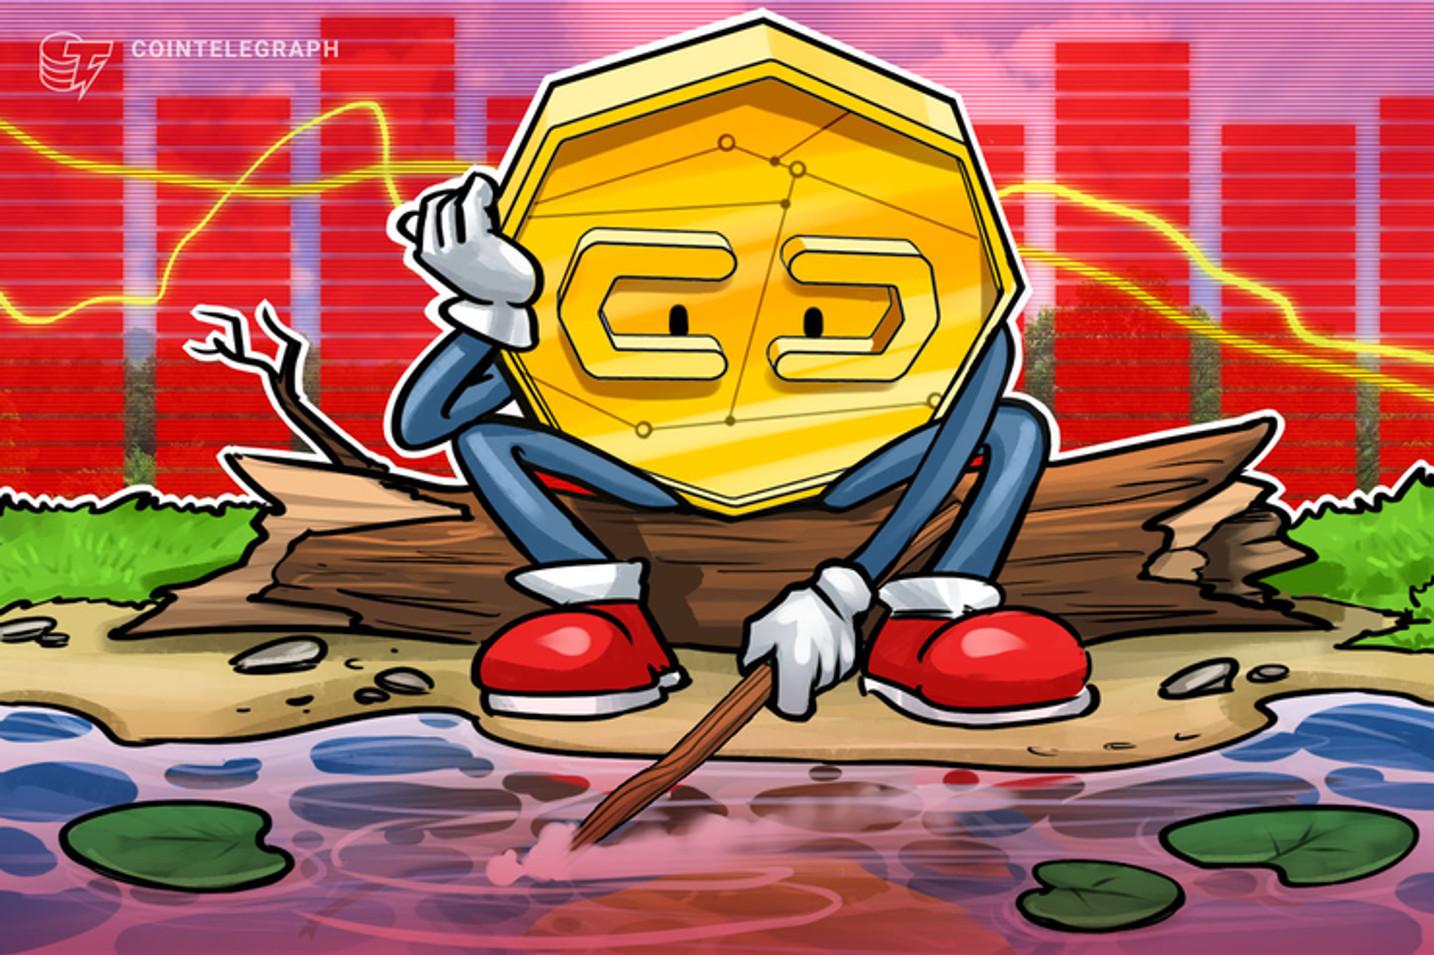 No Brasil, bancos incentivam pagamentos digitais mas ignoram o Bitcoin que para eles não é moeda